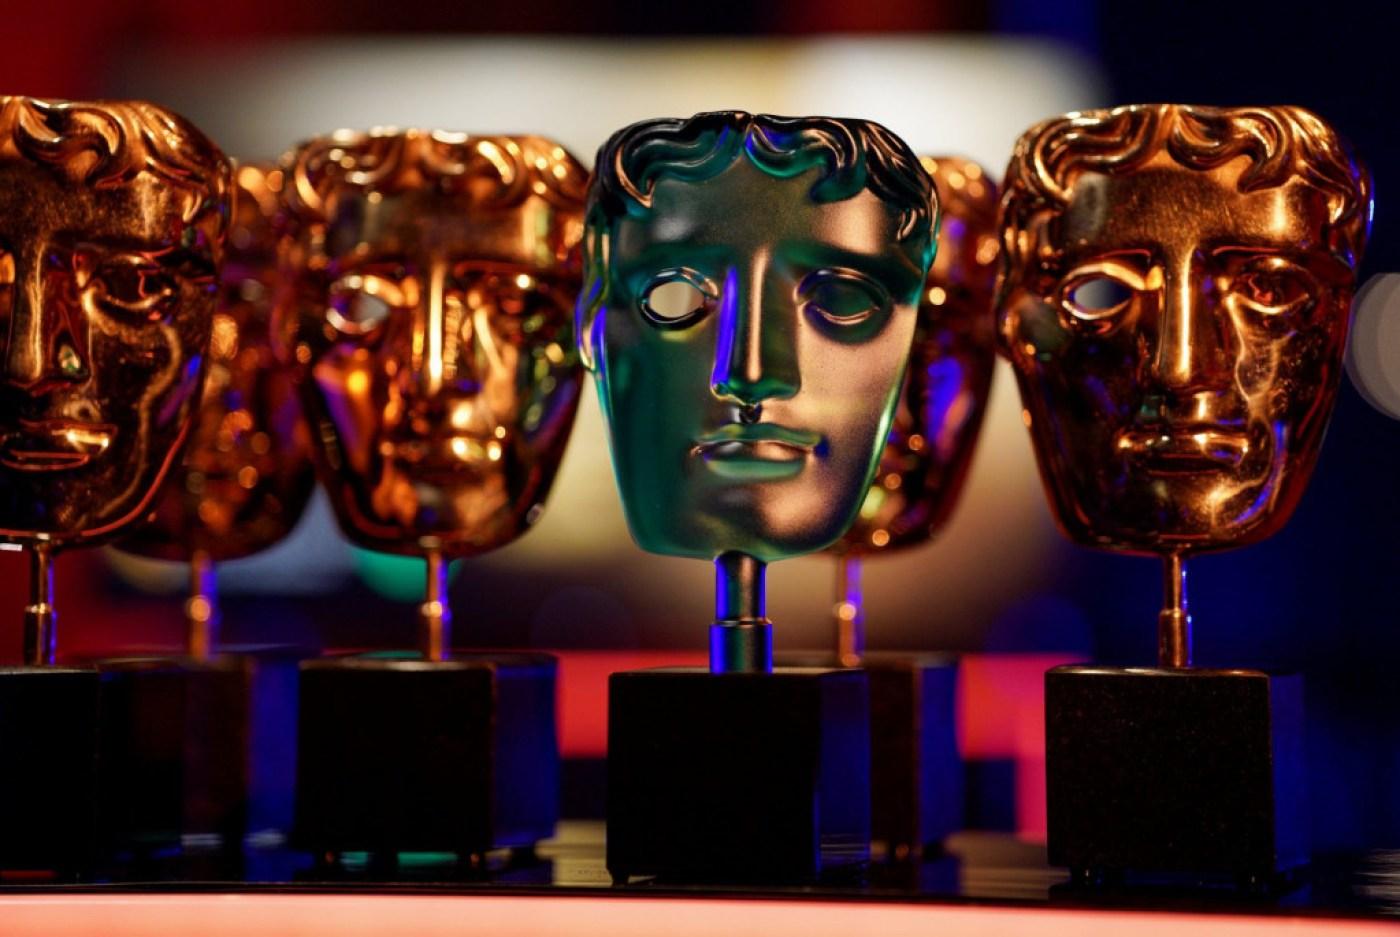 BAFTA TV Awards 2021 winners announced | பாஃப்டா டிவி விருதுகள் 2021 வெற்றியாளர்கள் அறிவிக்கப்பட்டனர் |_40.1